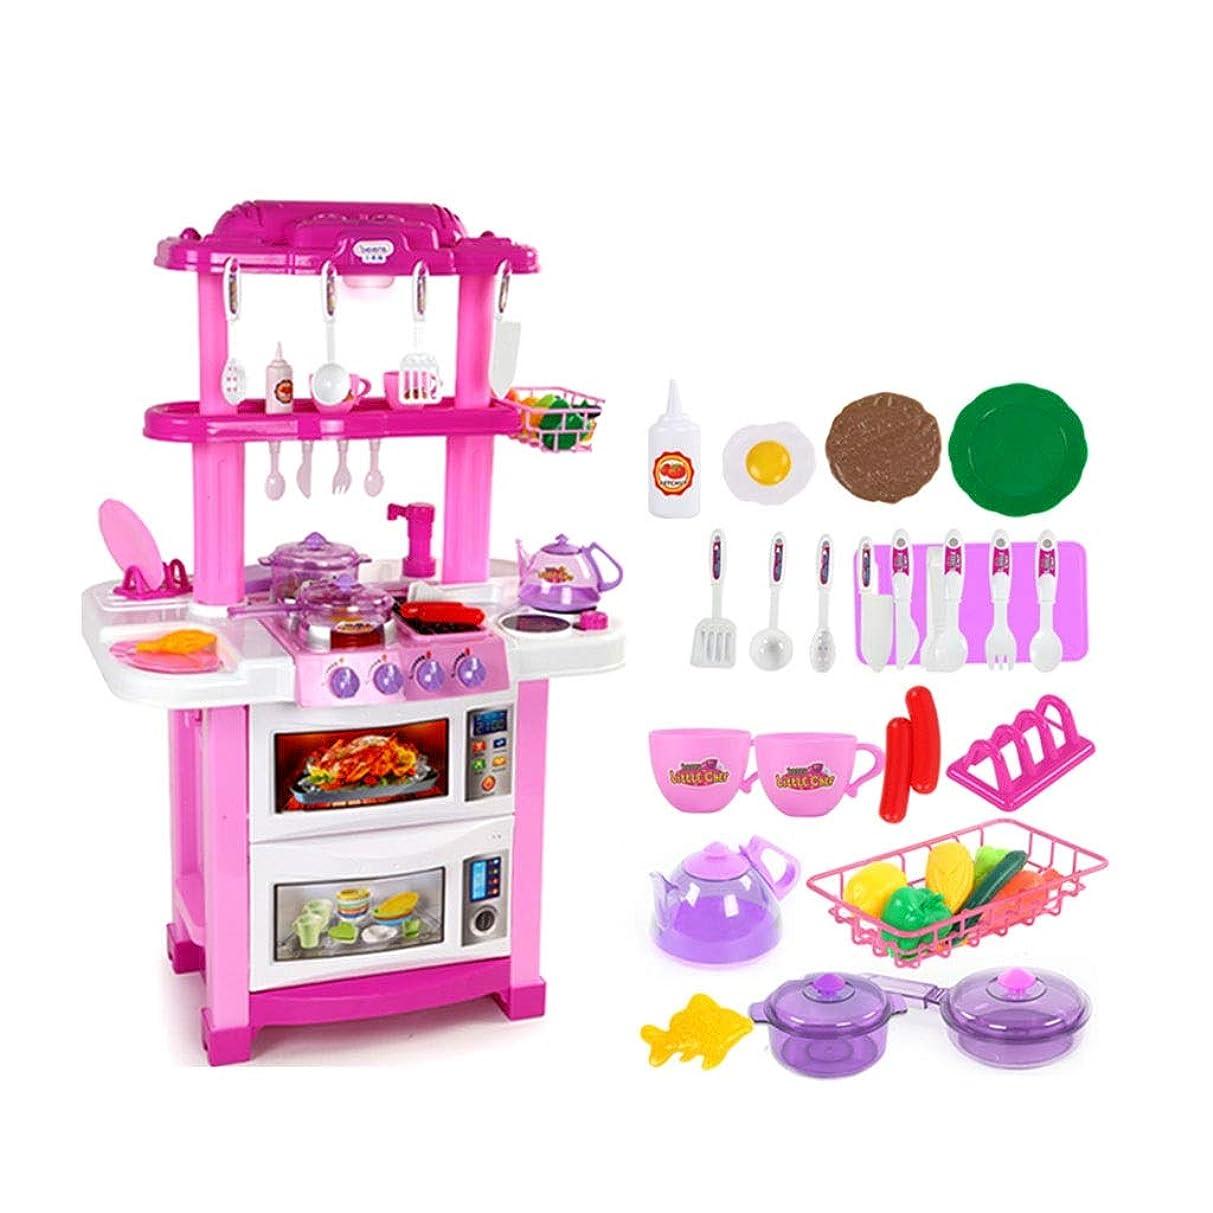 電報目の前のスーパーマーケットごっこ遊び キッチン プレイセット キッチン おもちゃ プラスチック キッチン プレイセット キッズ キッチンウェア セット 30 アクセサリー 2 キッズ プレイ ギフト キッチン トイ 51*38*83cm ピンク